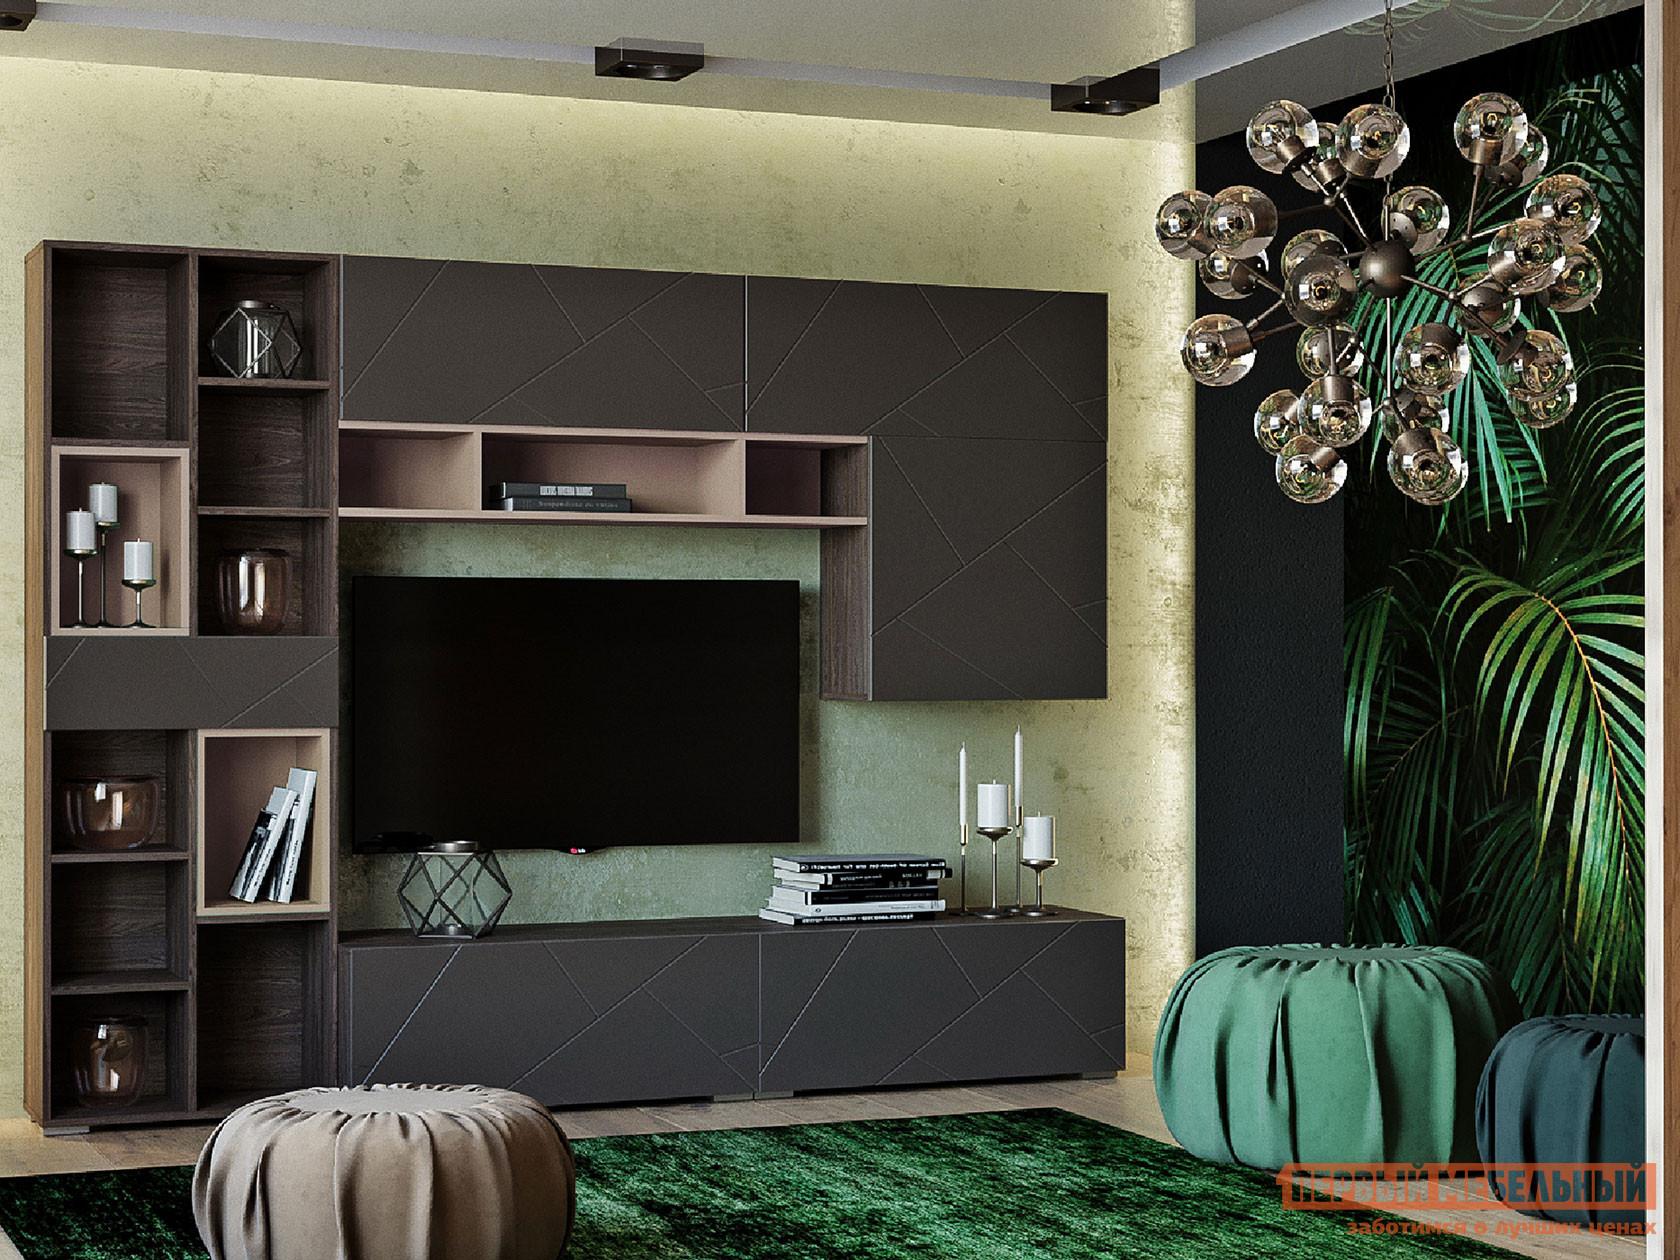 Гостиная Первый Мебельный Гостиная Суммит 7 гостиная первый мебельный гостиная virginia комплектация 3